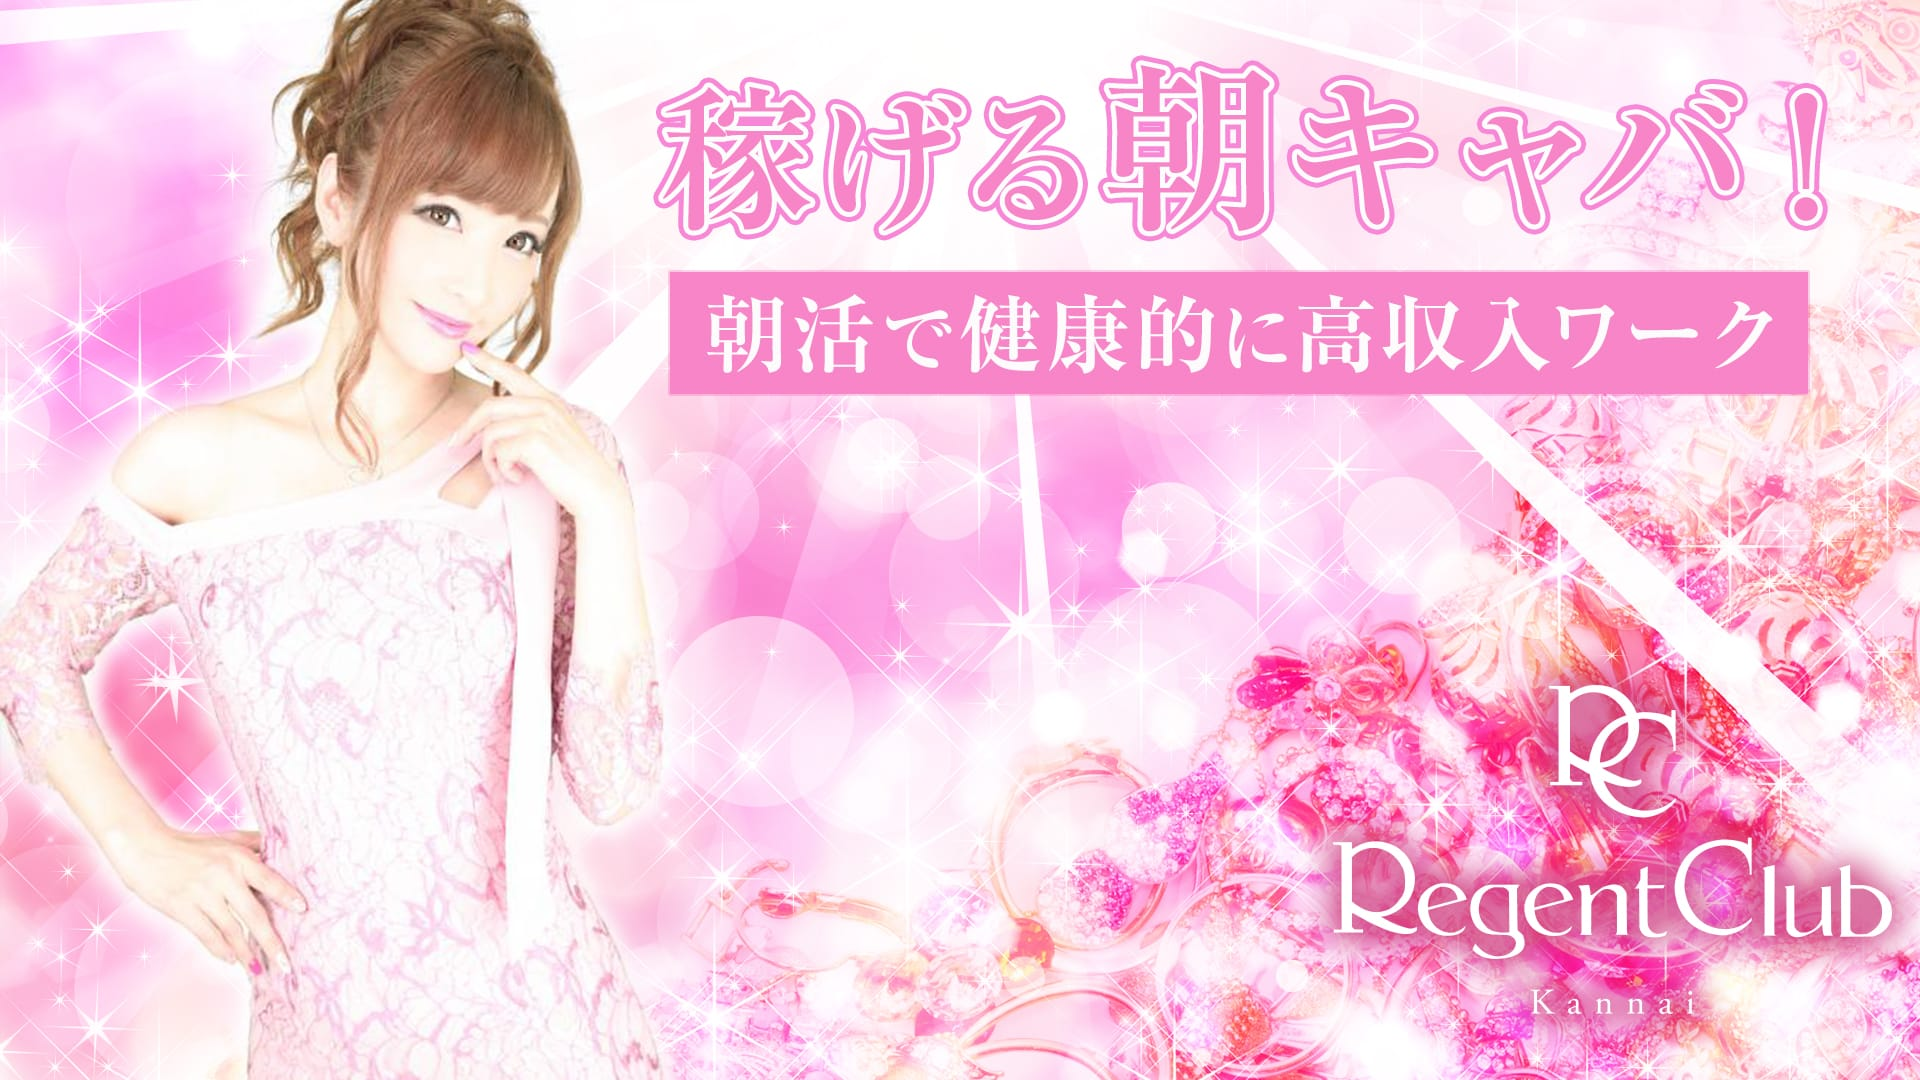 【昼】Regent Club Kannai ~リージェントクラブカンナイ~ 関内昼キャバ・朝キャバ TOP画像